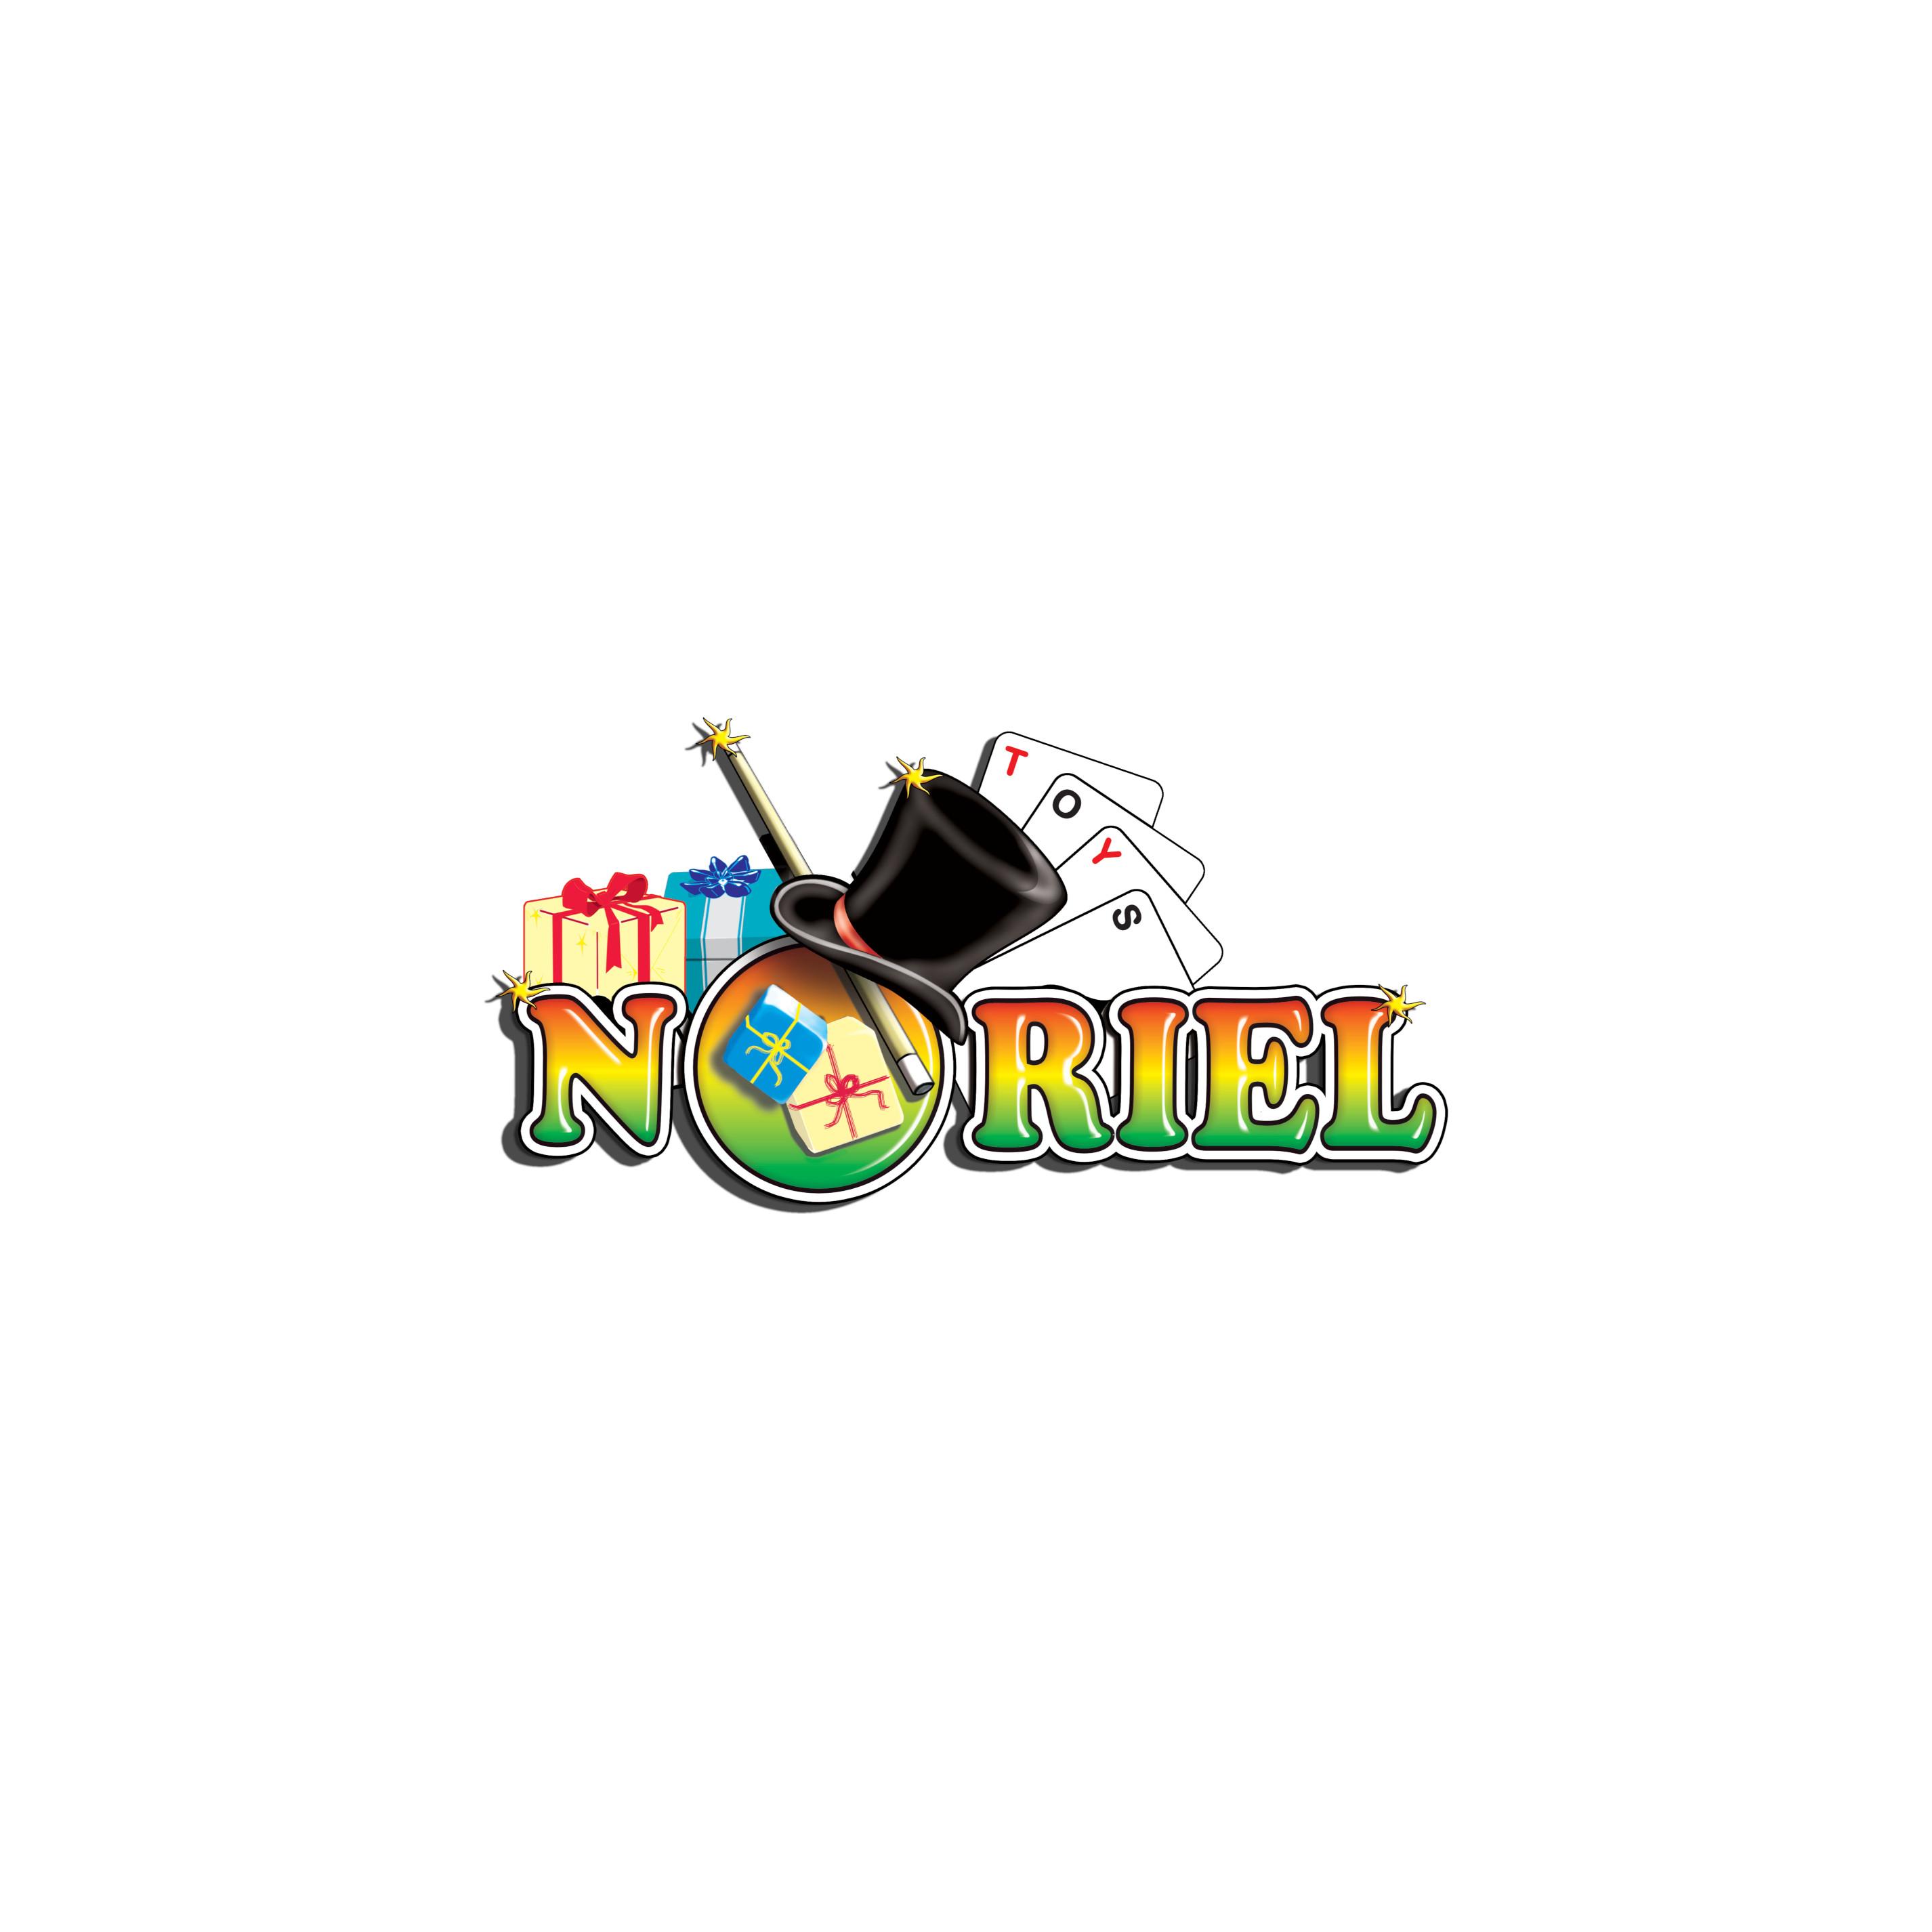 203100_001w Rucsac pentru scutece Skip Hop, Negru